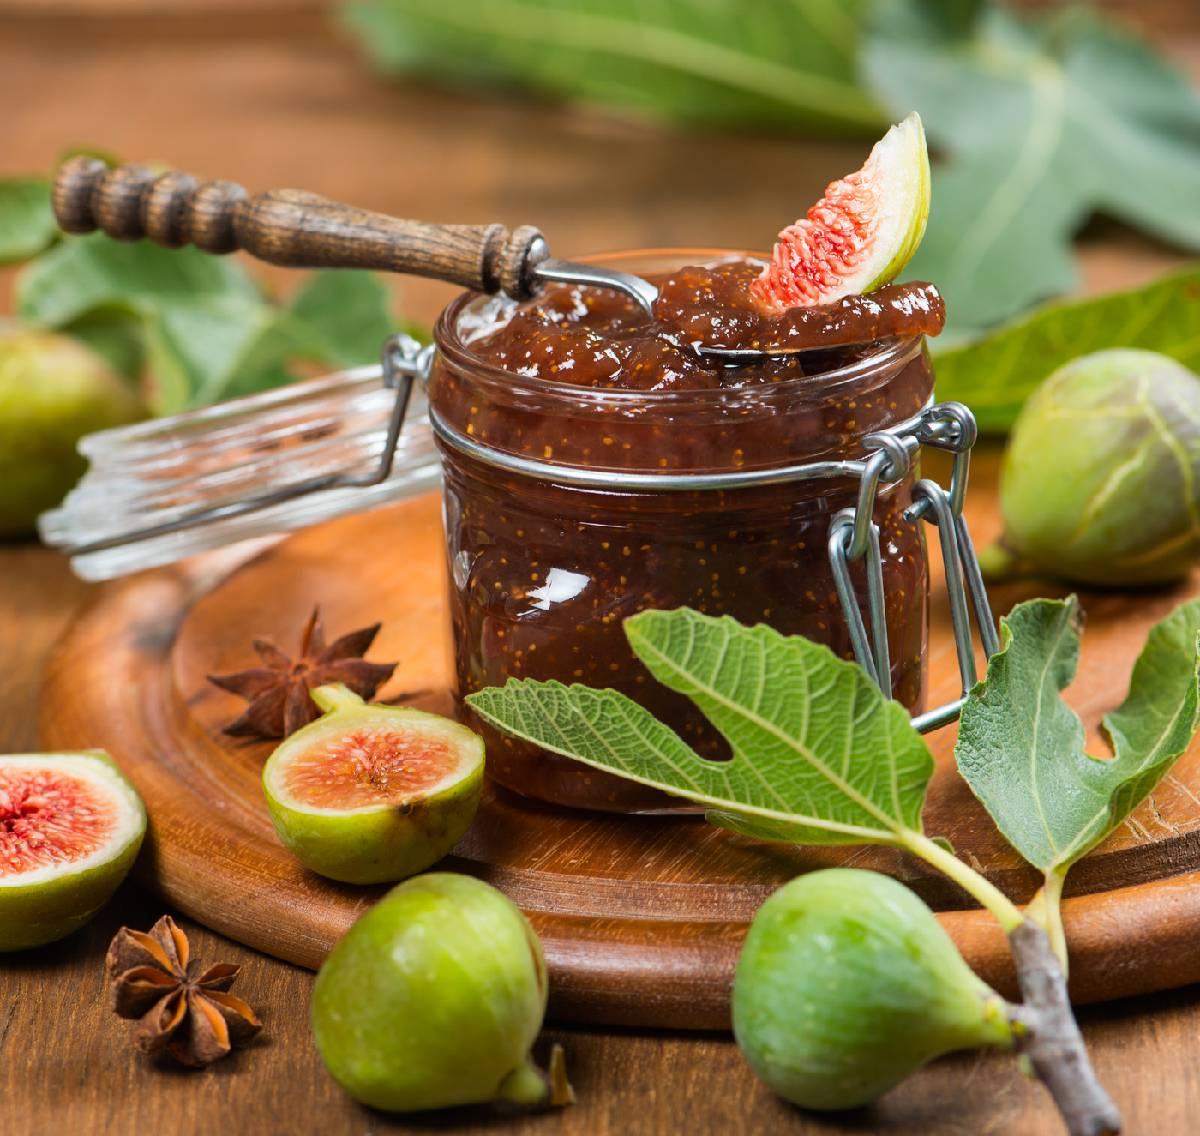 recette de confiture de figues